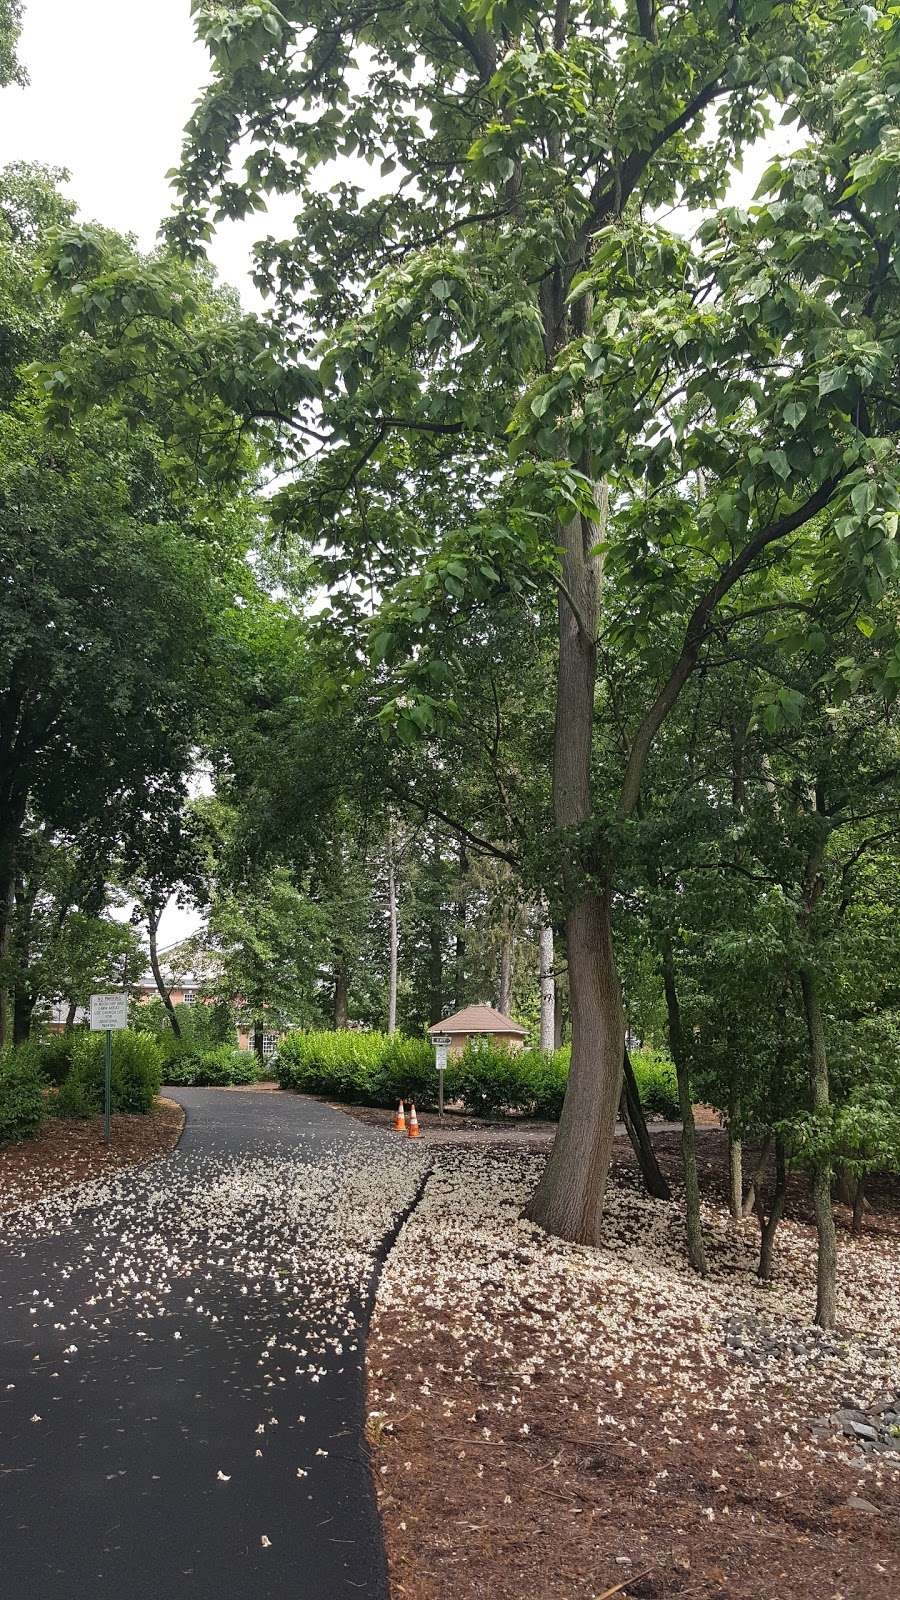 Wyckoff Community Park - park    Photo 4 of 10   Address: 475 Wyckoff Ave, Wyckoff, NJ 07481, USA   Phone: (201) 891-5571